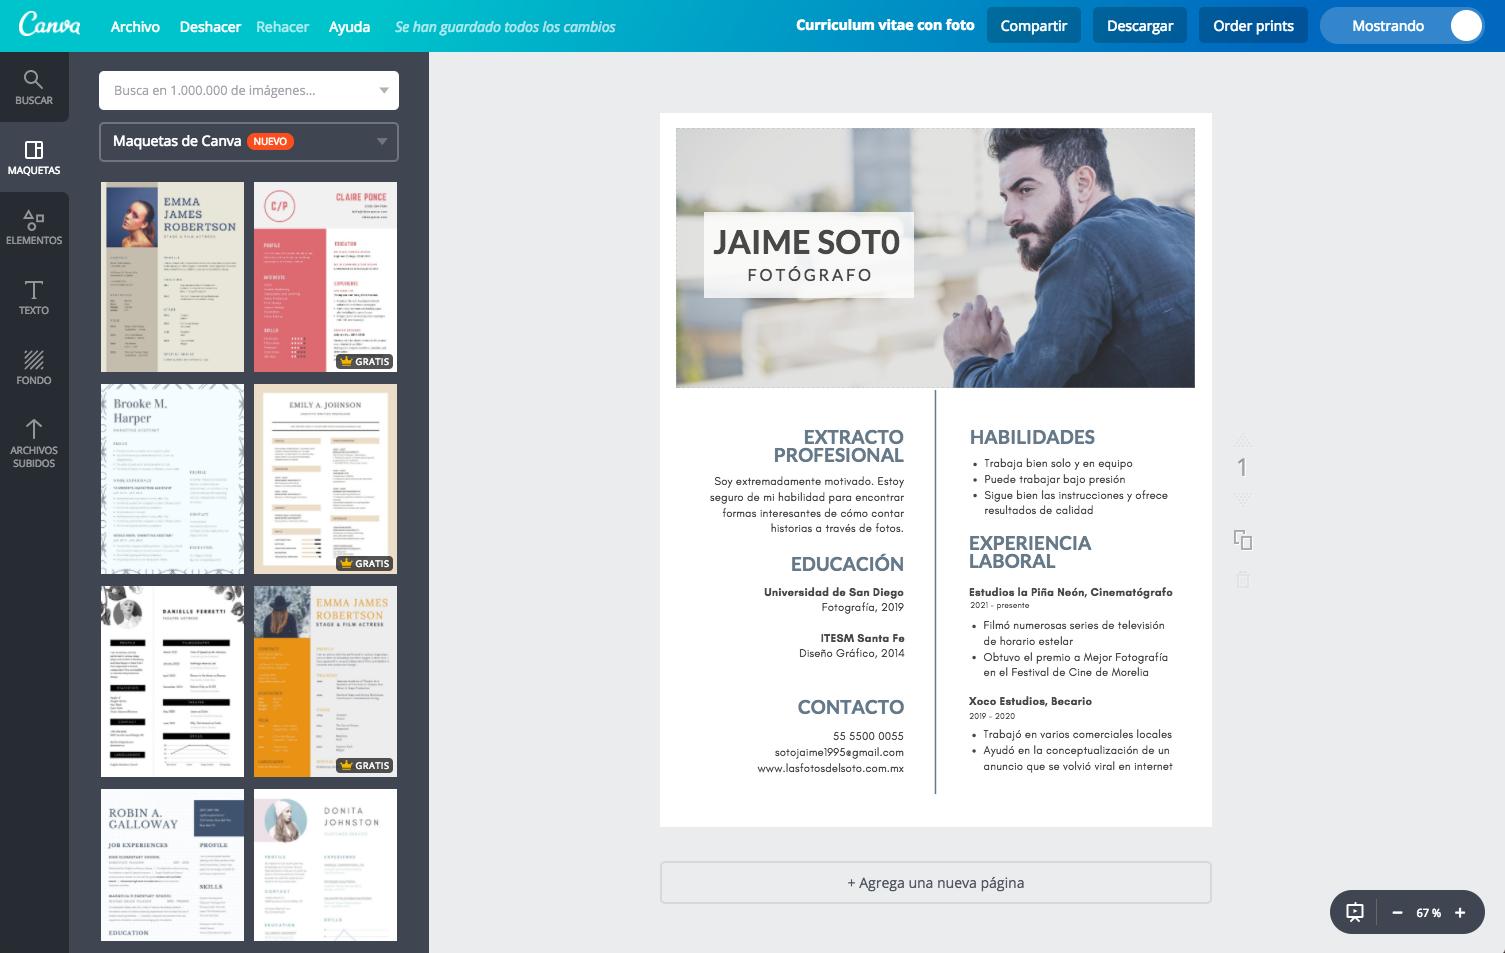 Diseña un currículum vitae con foto online gratis - Canva